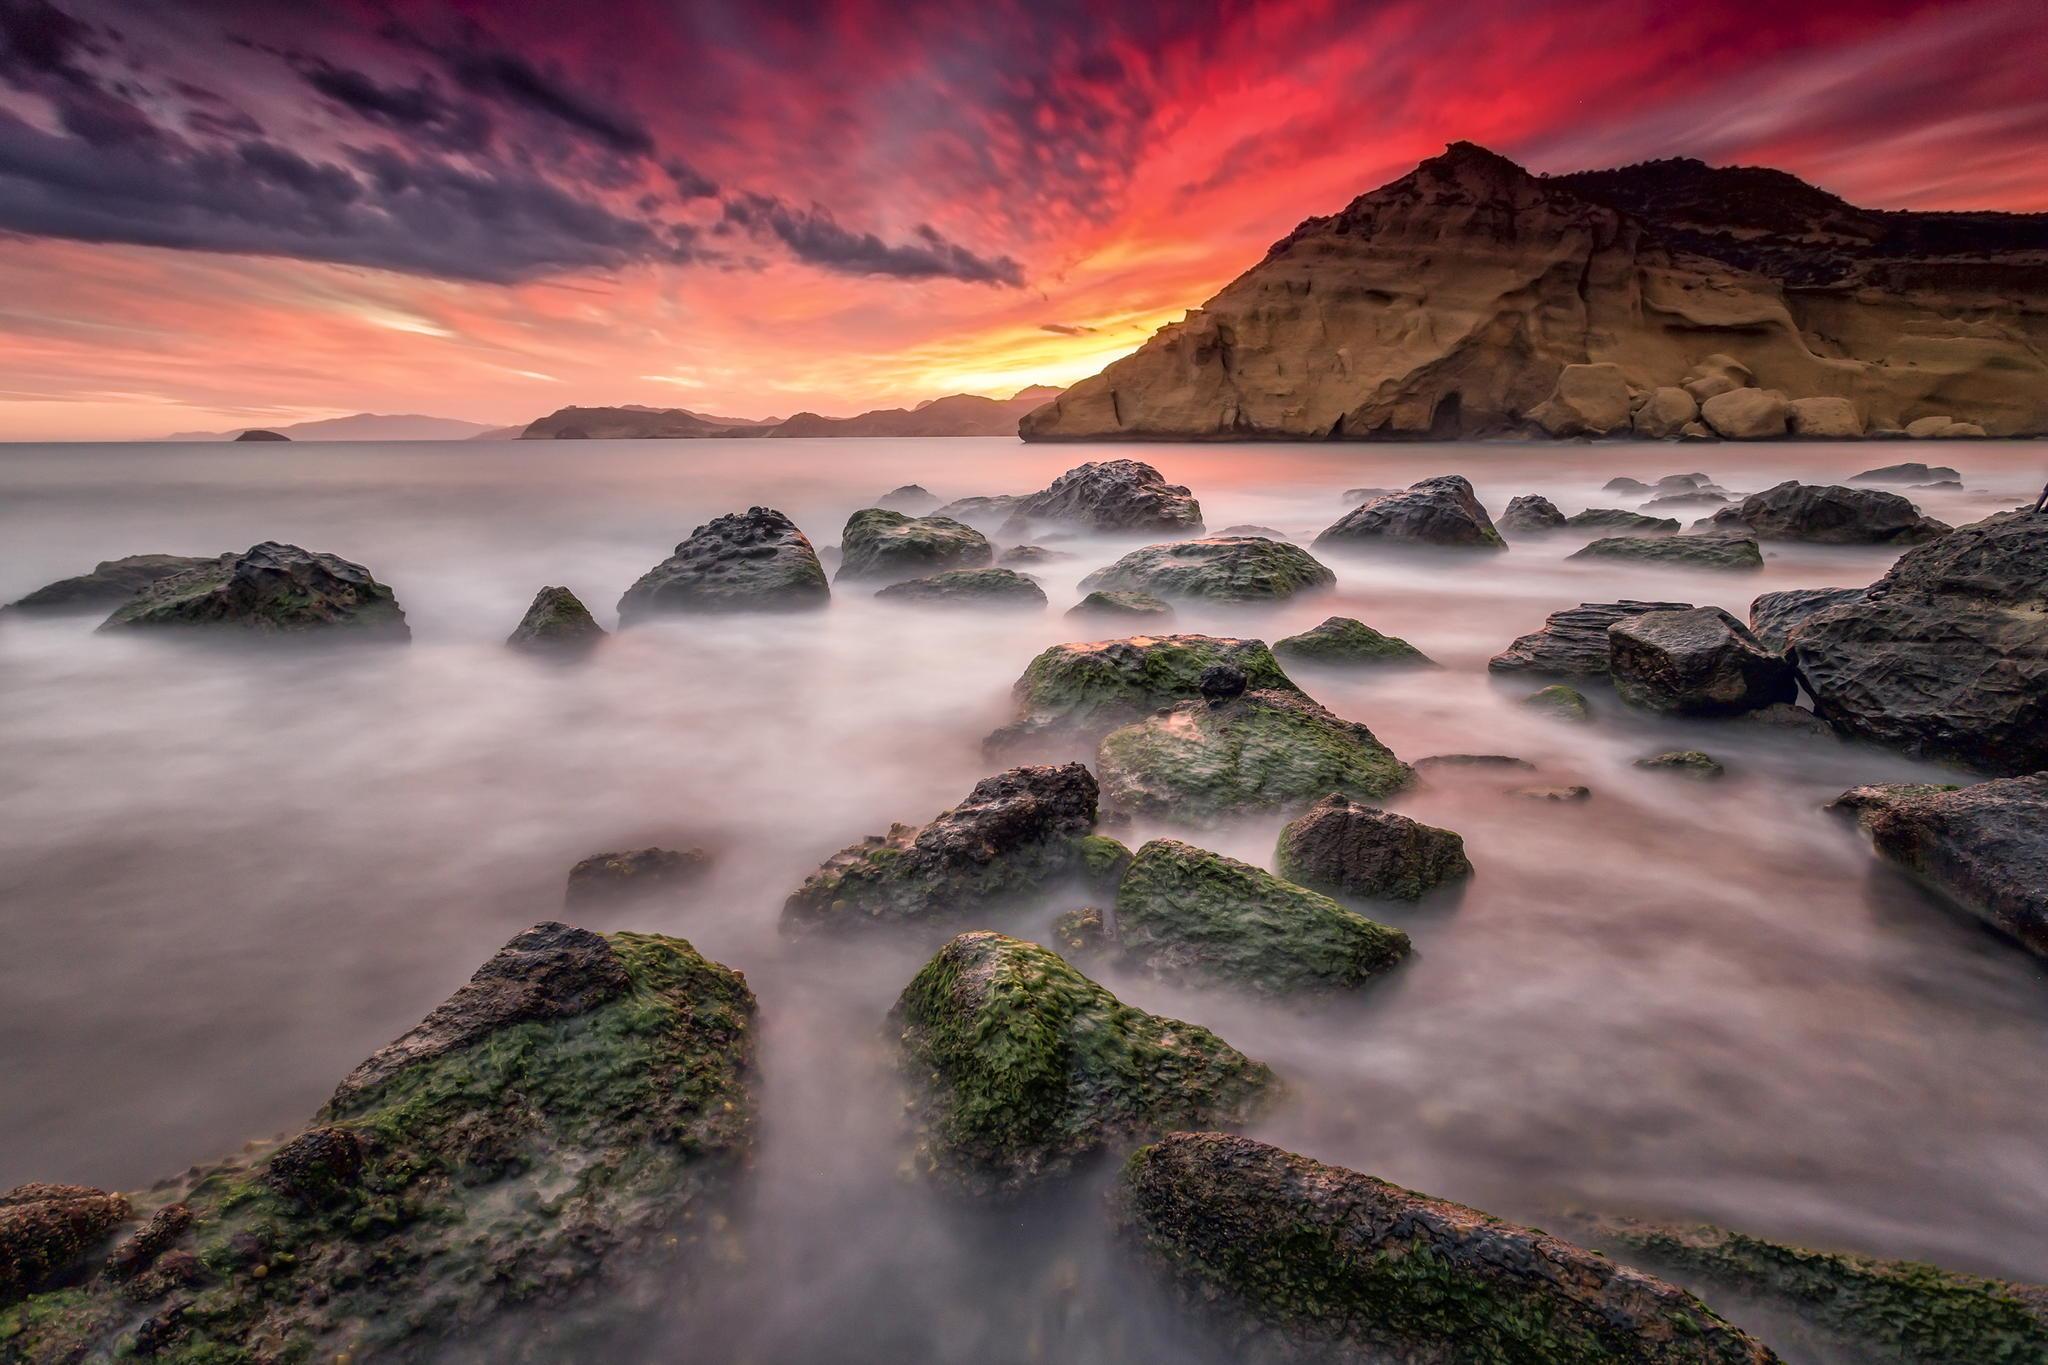 закат море горы скалы  № 1291168 бесплатно